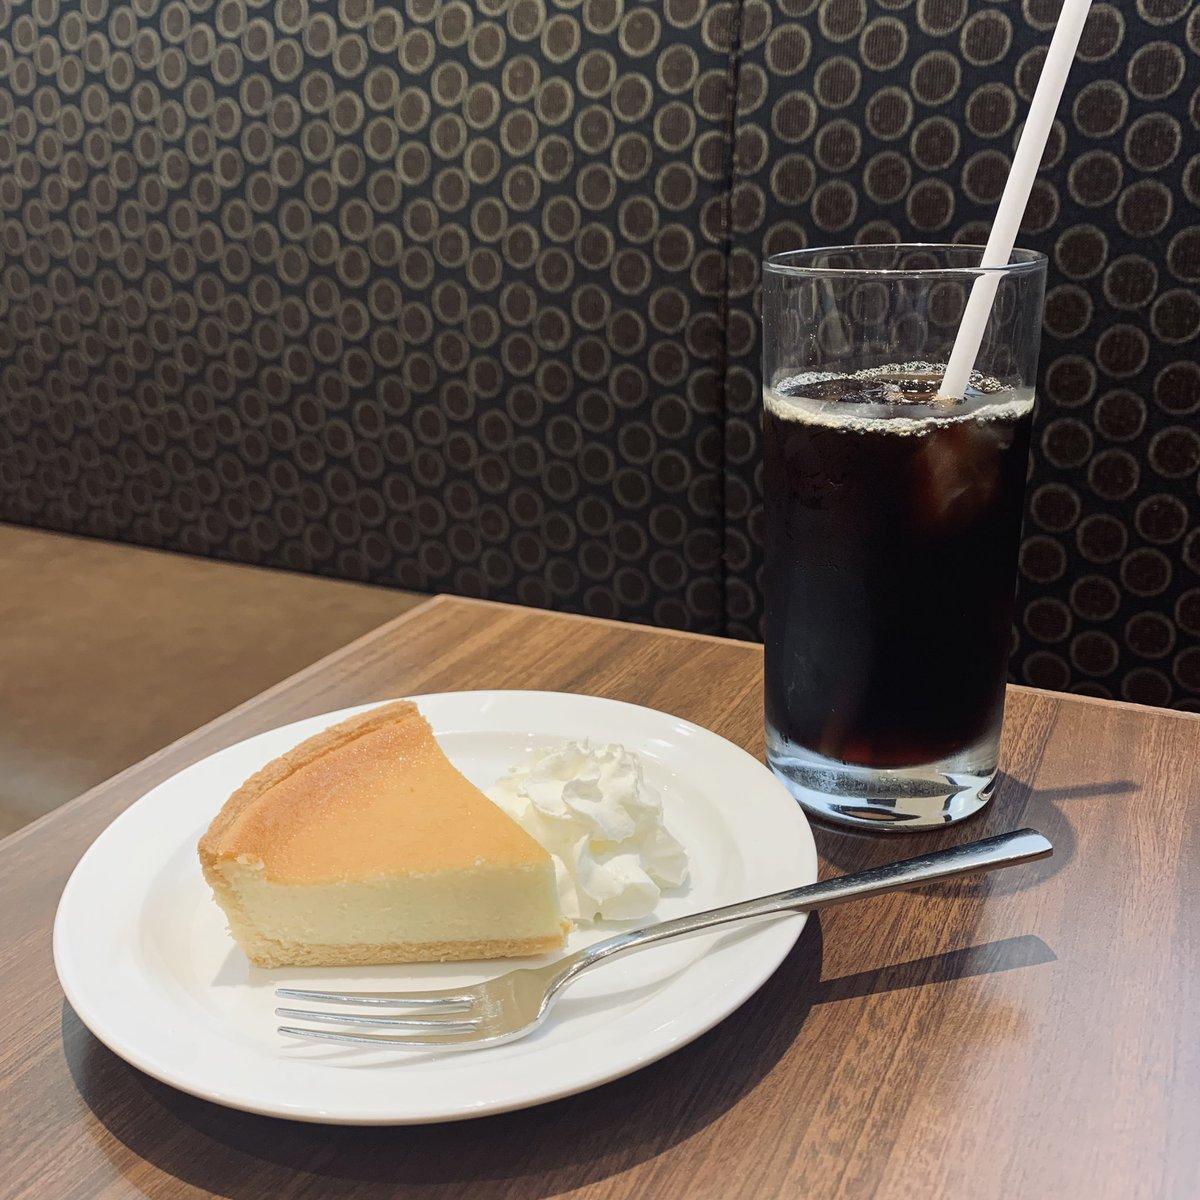 デンマークチーズケーキと コーヒーと私、、☕️ 大好きなデンマークチーズケーキ♡♡ でもレアチーズケーキもプリンもだいすき モロゾフカフェ...